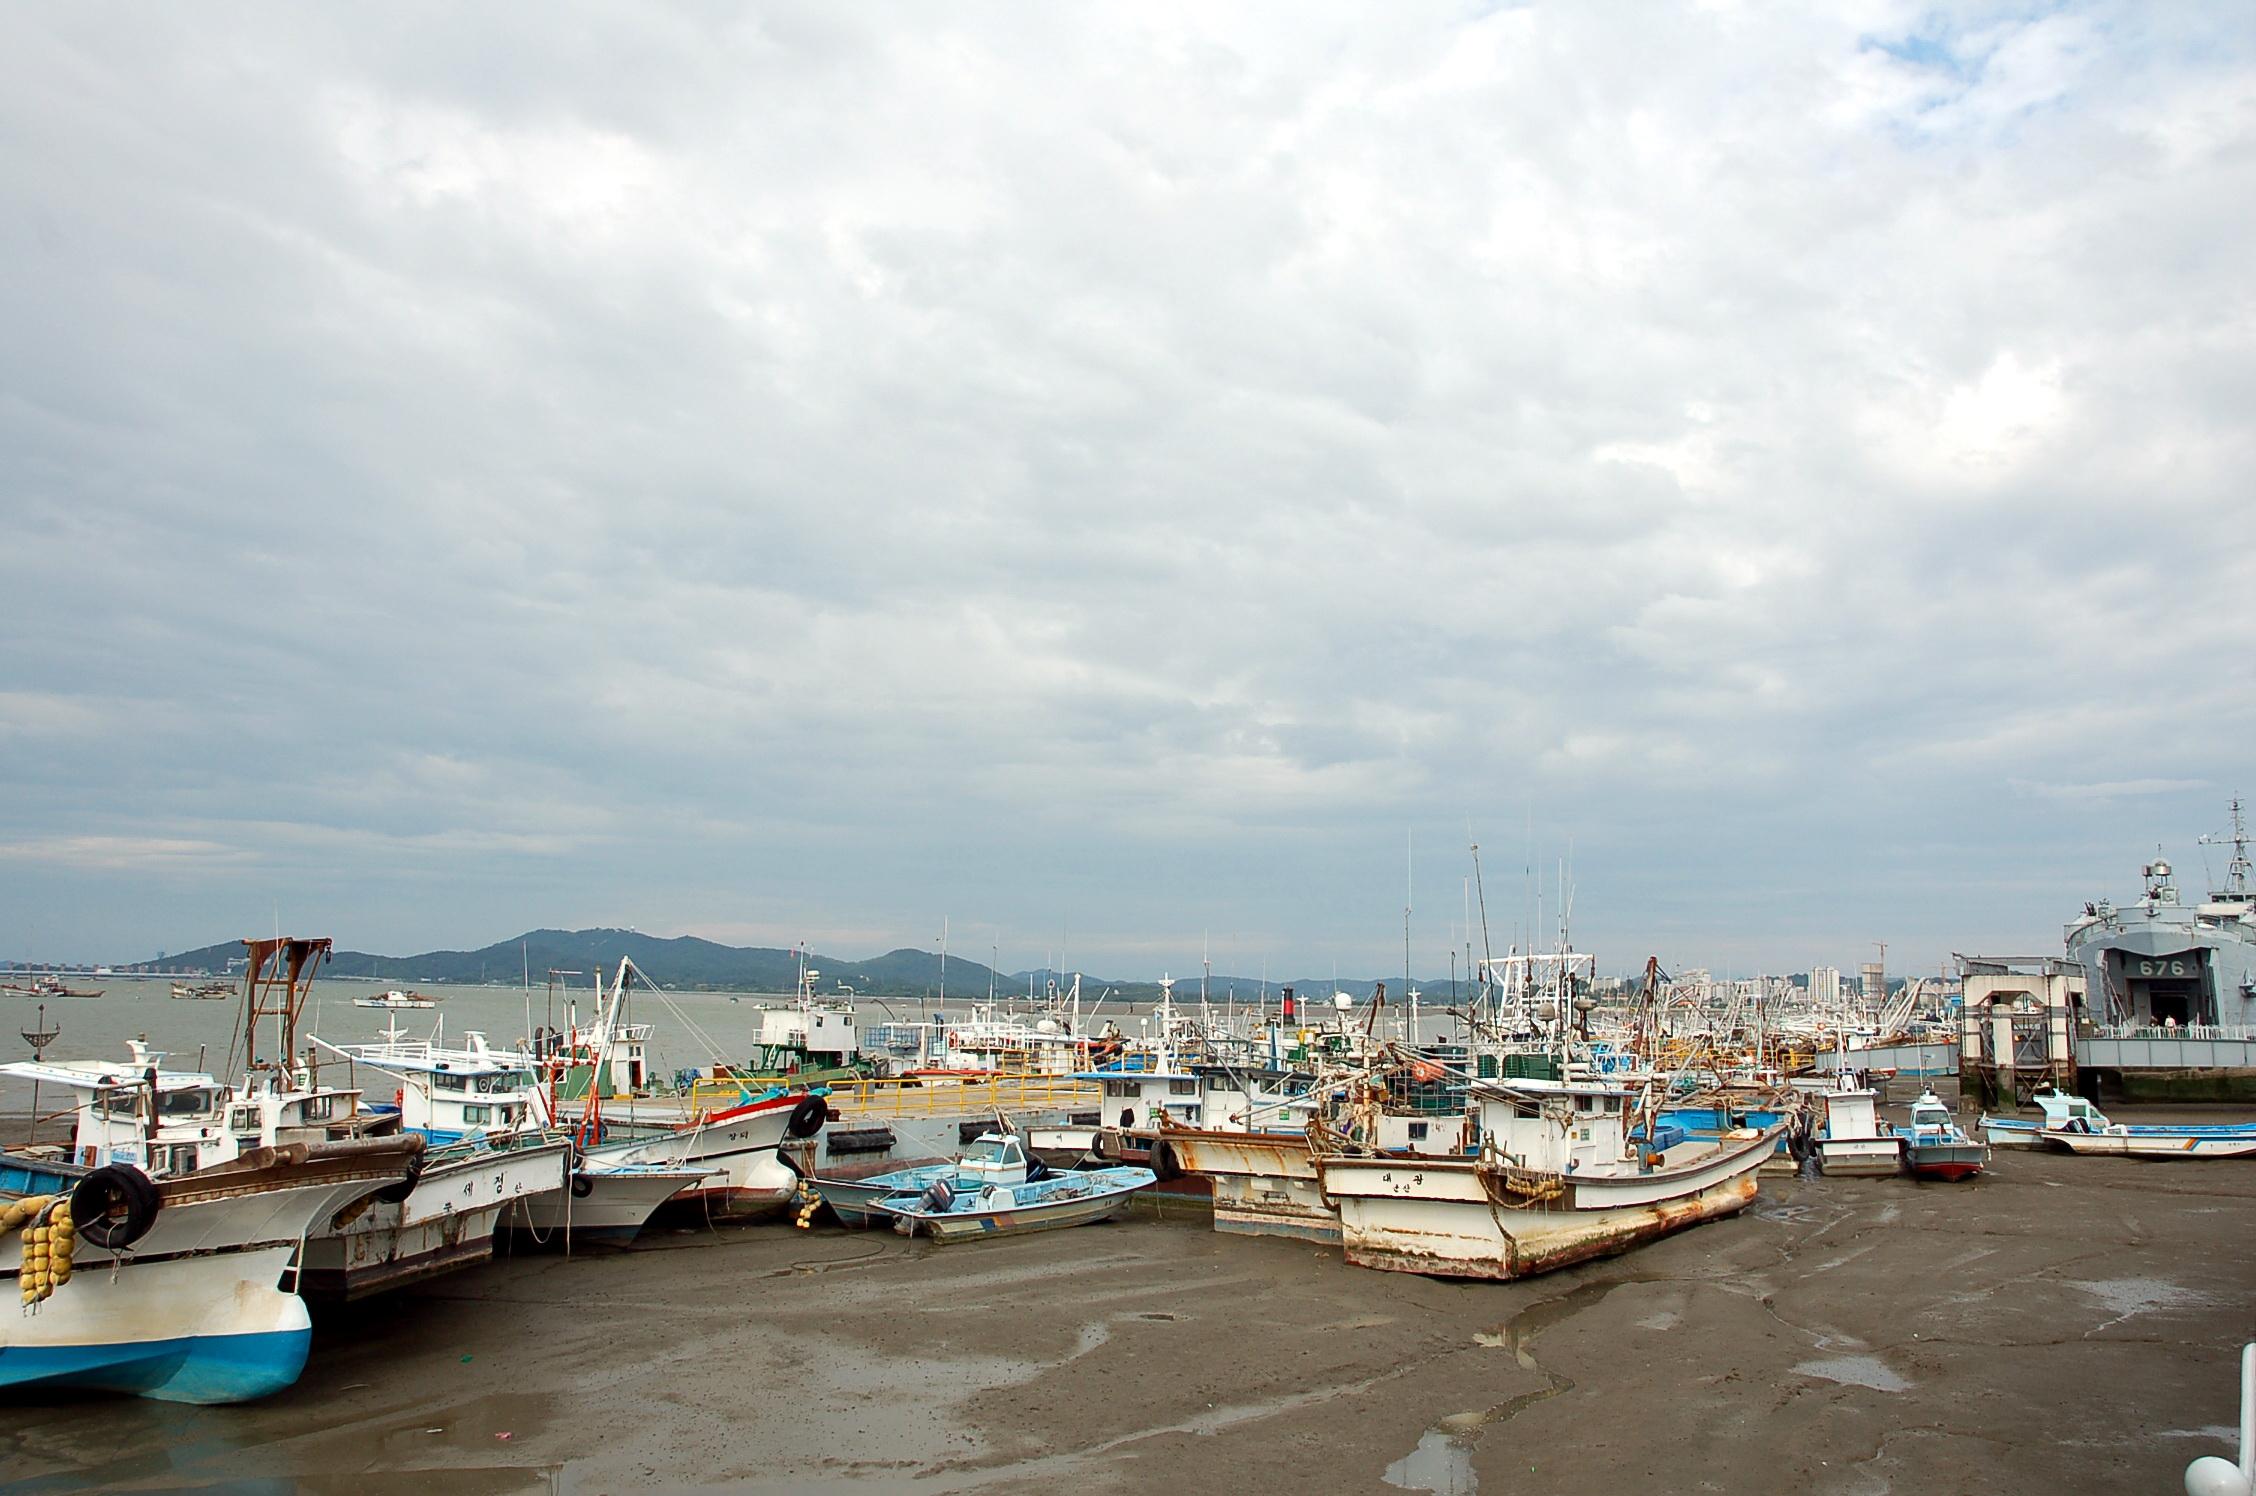 군산진포해양공원, 해양 공원 앞 항구 모습